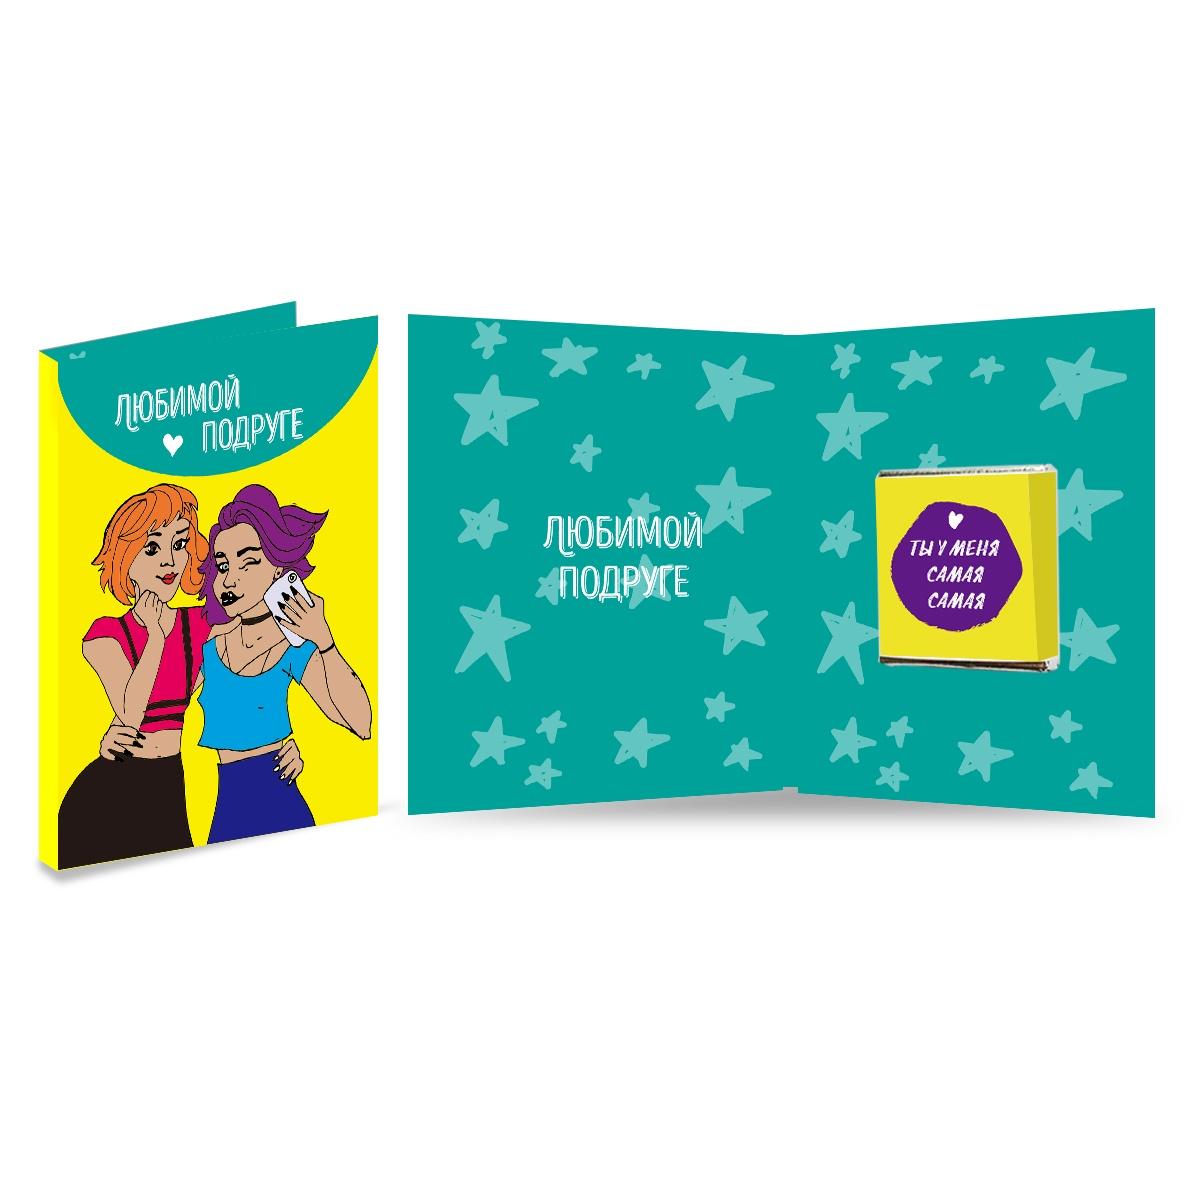 Мини-открытка с шоколадом DolcePic «Любимой подруге», 5 гDP-009Для любимой подруге, которая всегда поддержит Ваши идеи, поможет советом или просто придет на помощь и не попросит ничего взамен. Красочная открытка с вкусной молочной шоколадкой в яркой этикетке станет прекрасным подарком по поводу и без и обязательно поднимет настроение.